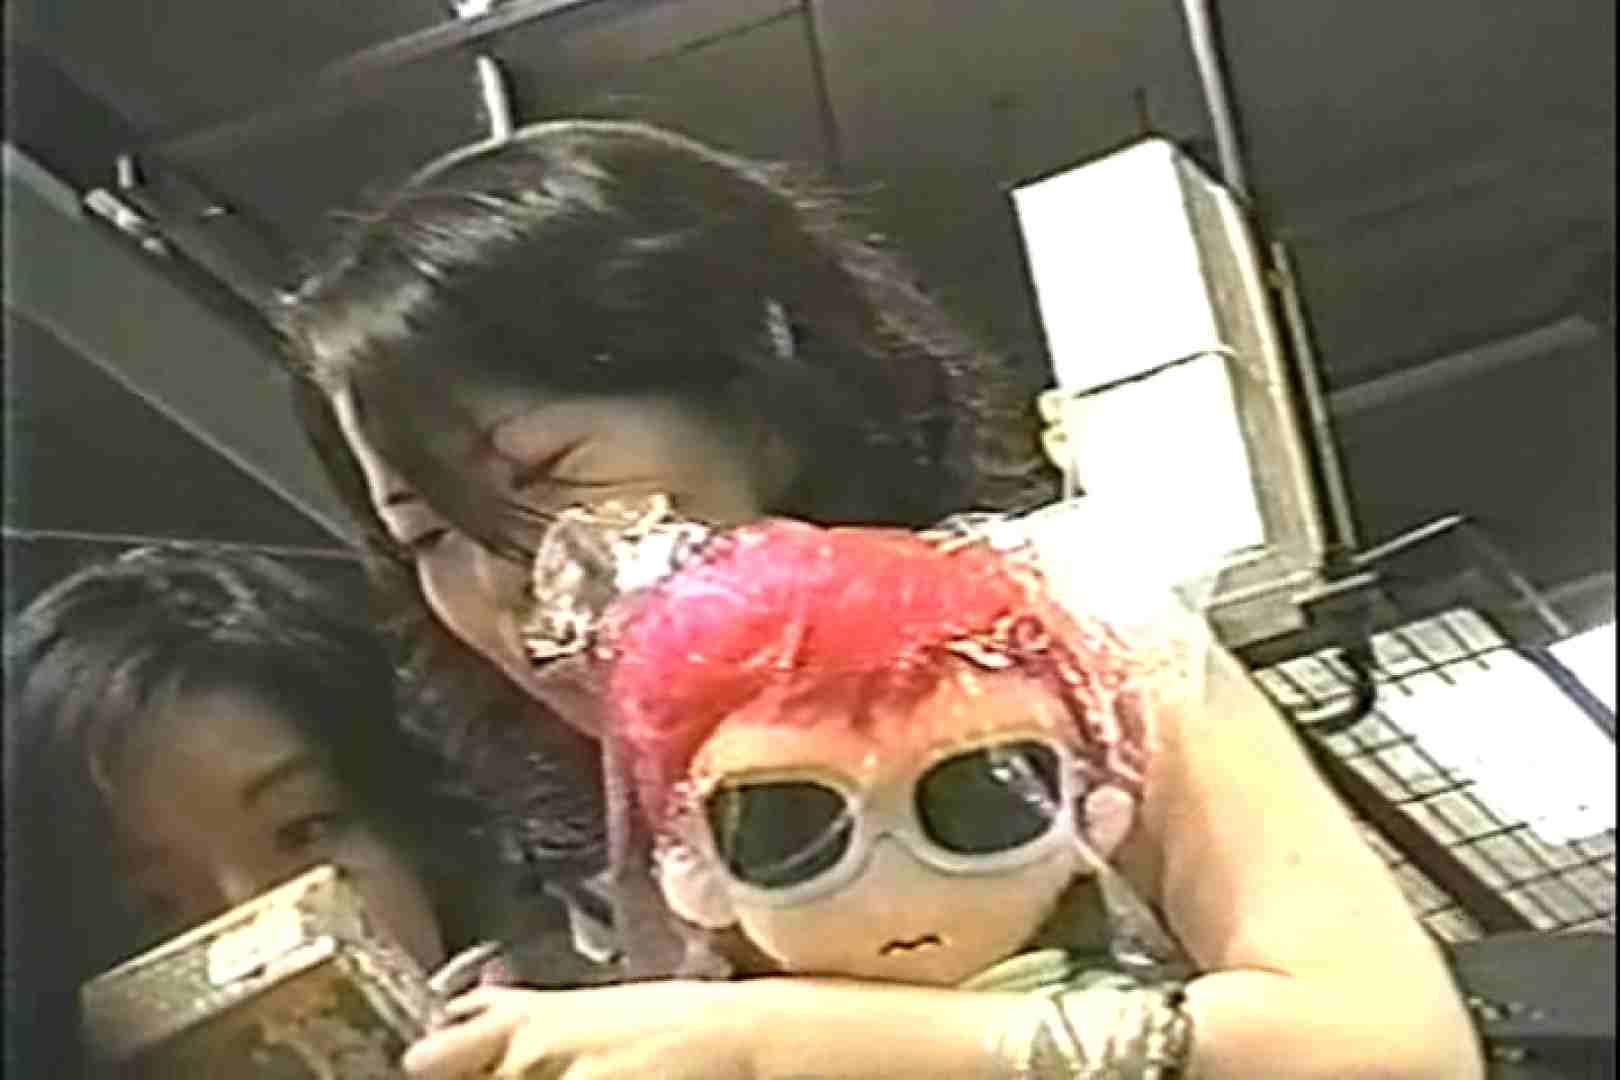 「ちくりん」さんのオリジナル未編集パンチラVol.3_01 お姉さん 性交動画流出 103pic 18